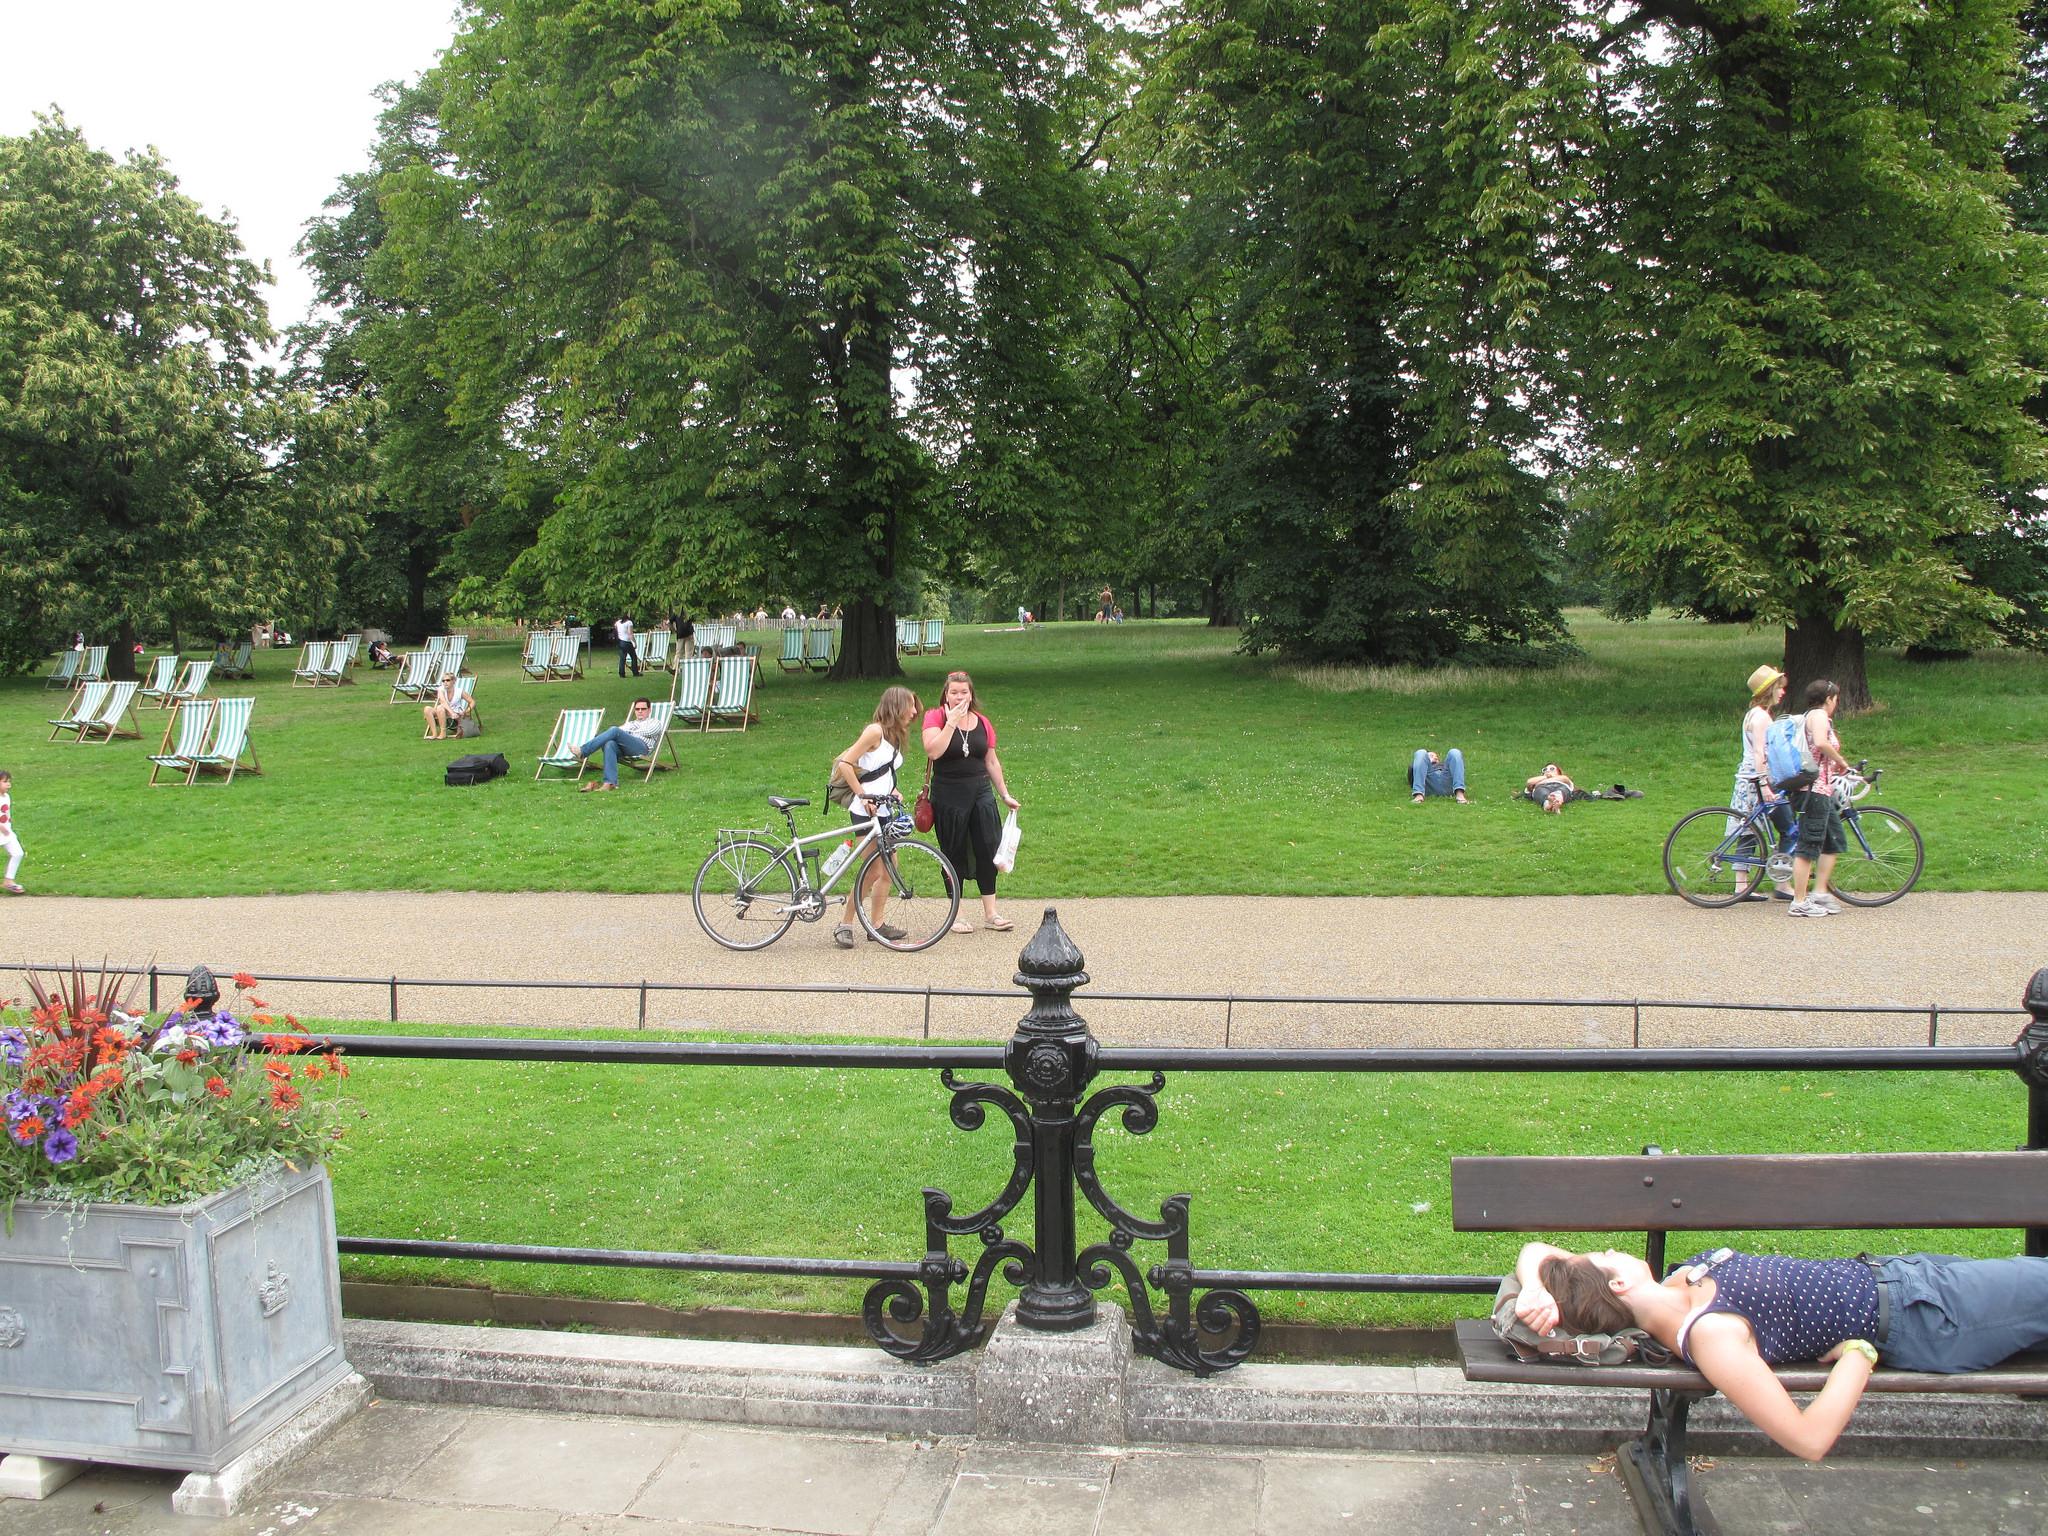 Места для релаксирования, Гайд-парк, Лондон